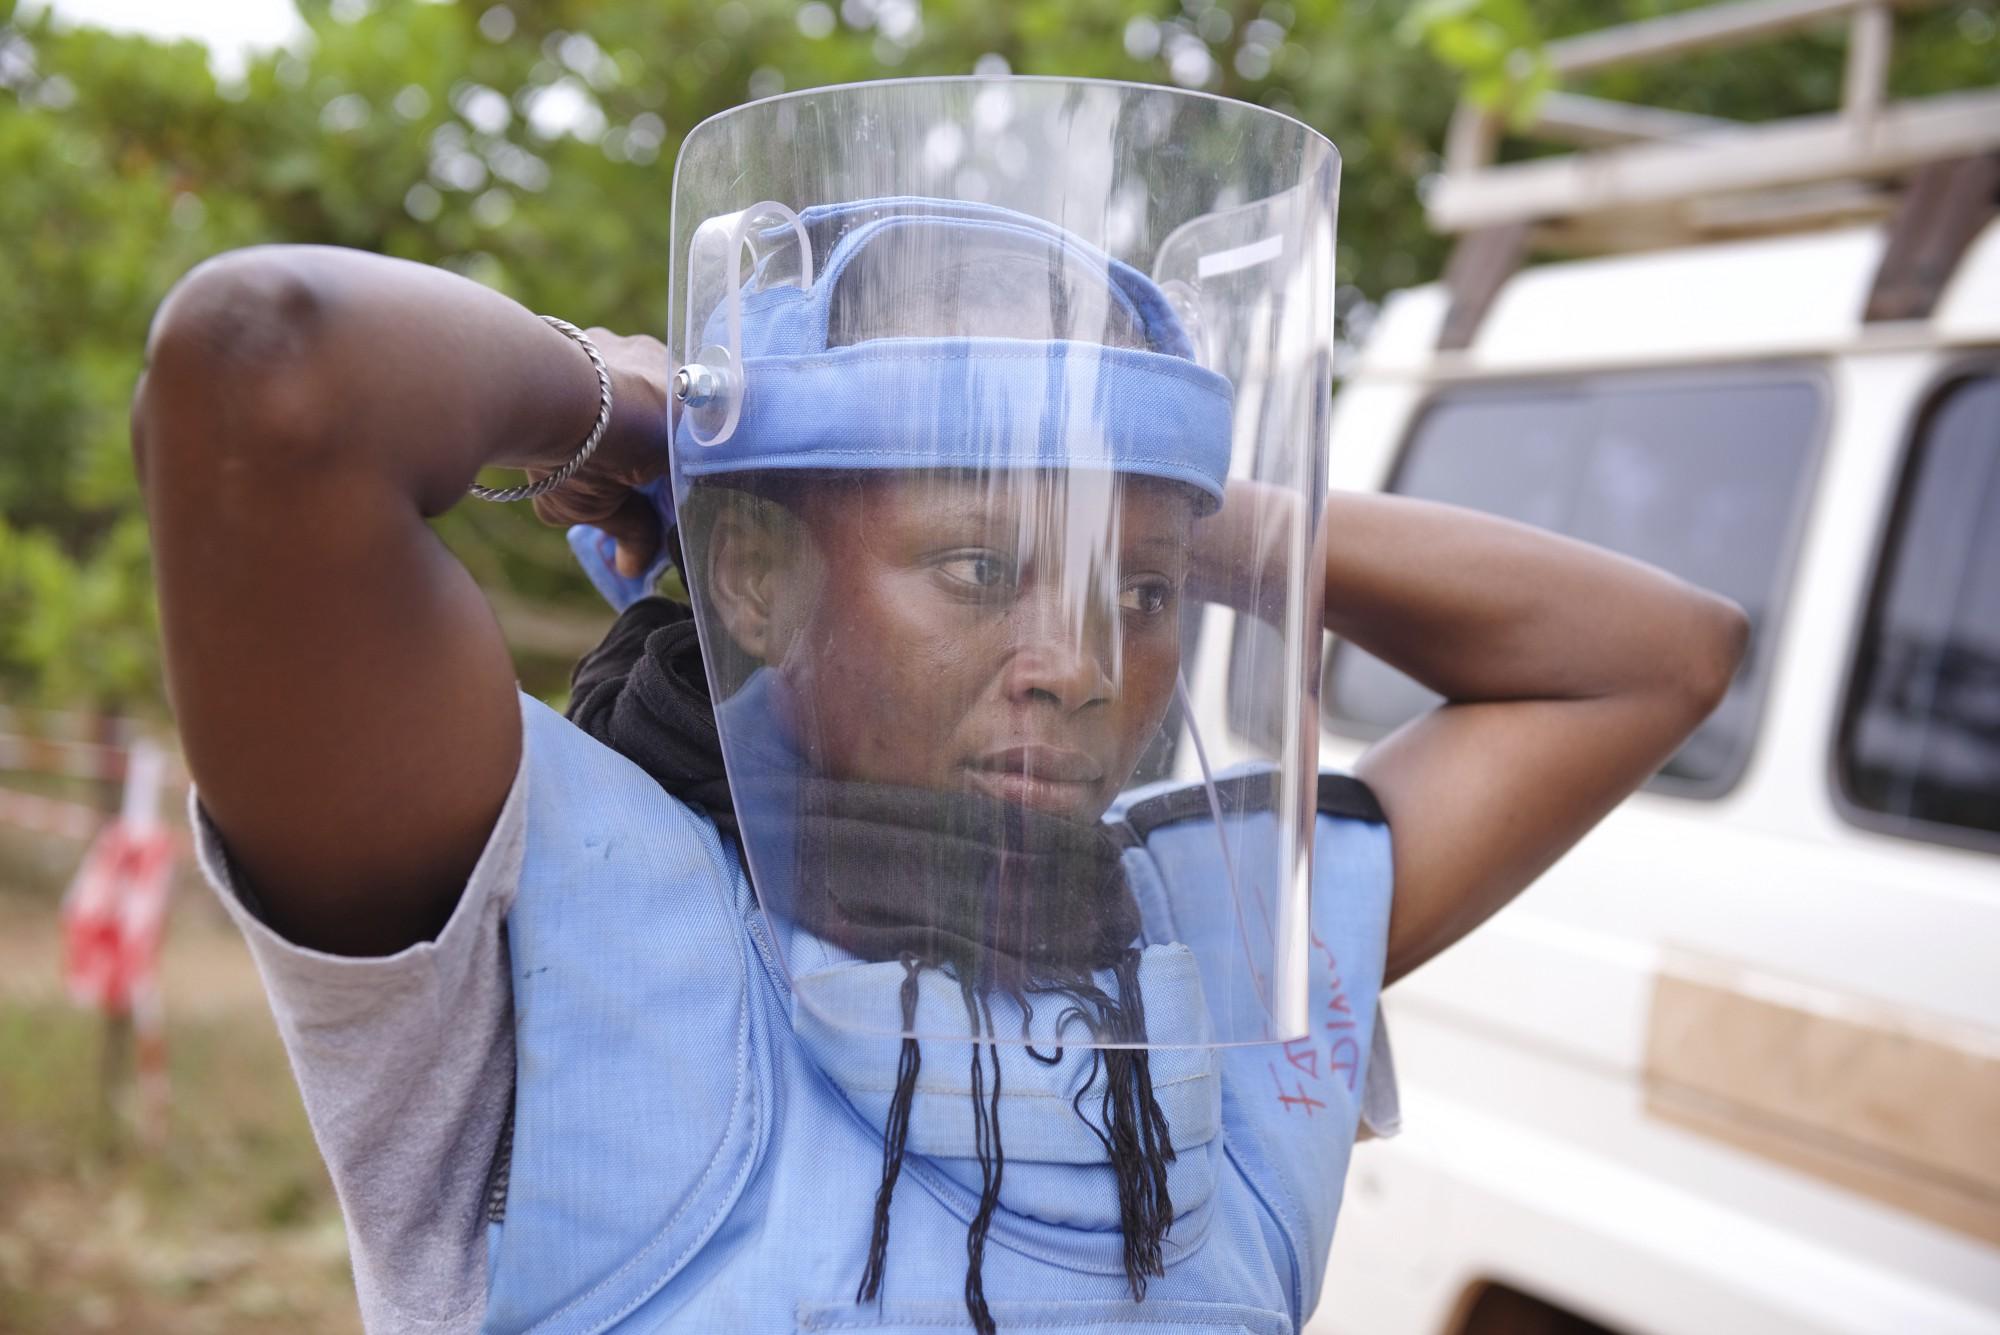 Notre héros du jour: Fatou Diaw, démineur en Casamance! Son métier: risquer sa vie à enlever les mines qui ont fait des centaines de victimes!